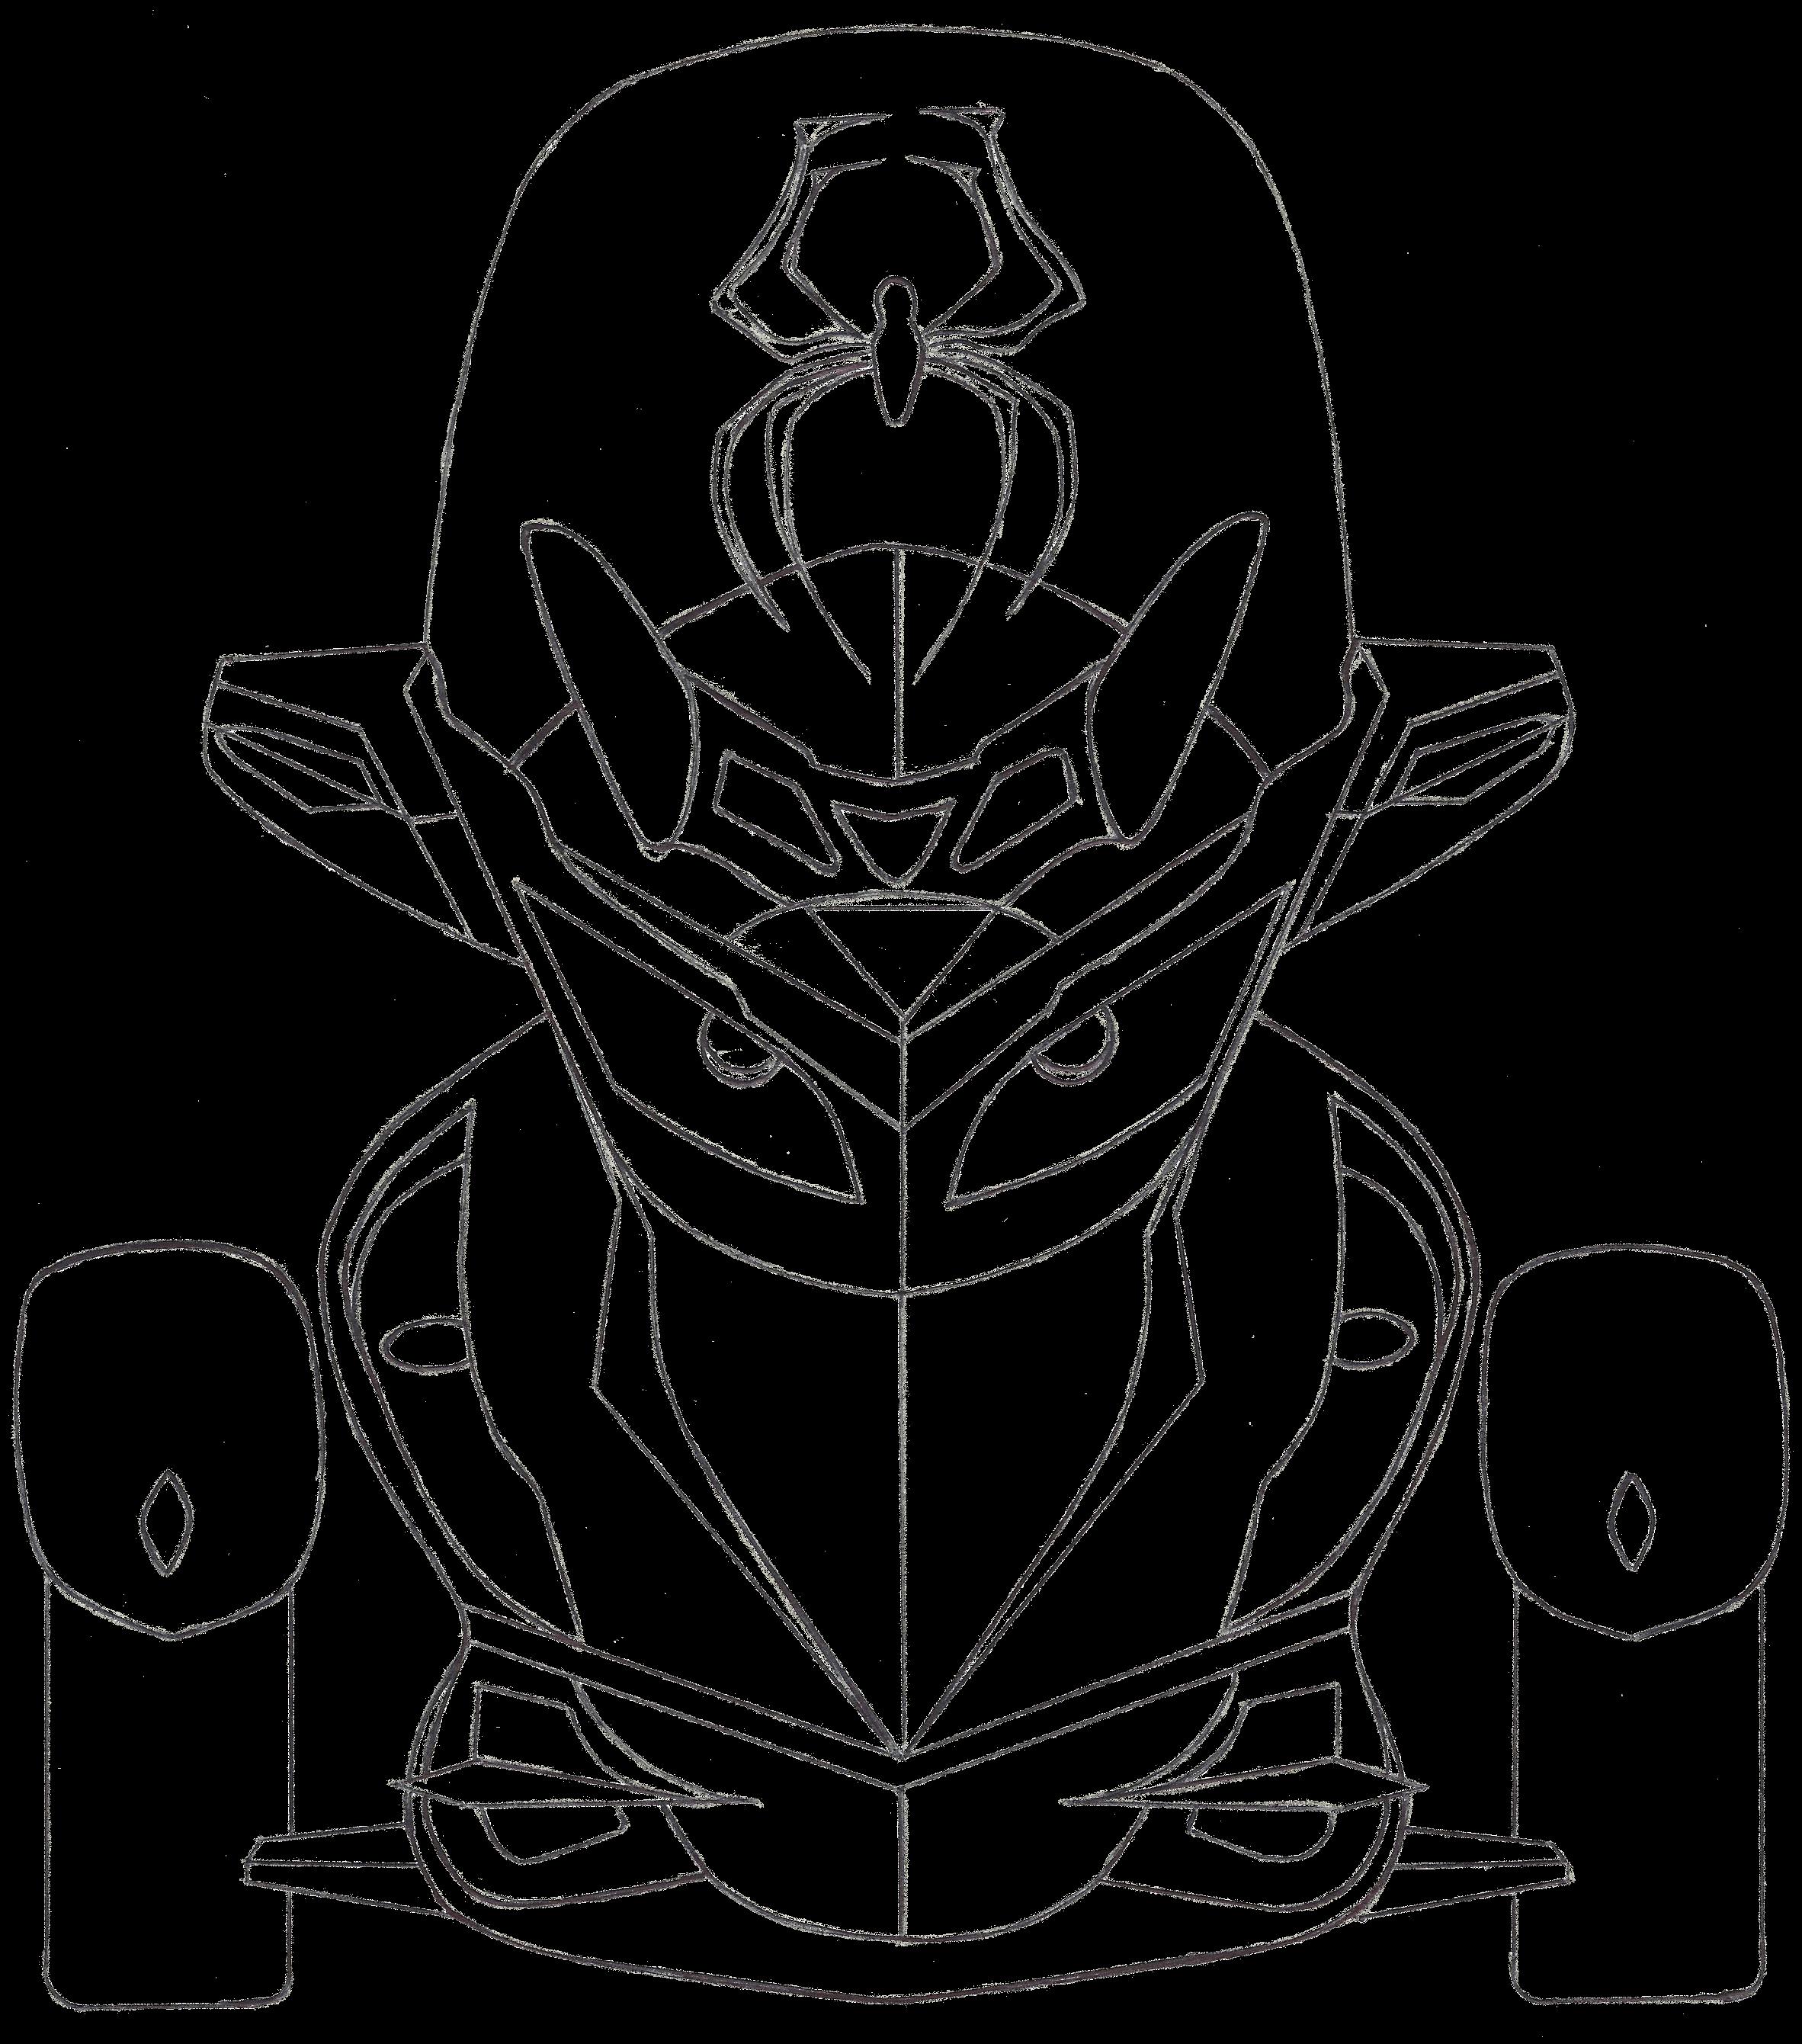 Spyder Sketch By William Geiger